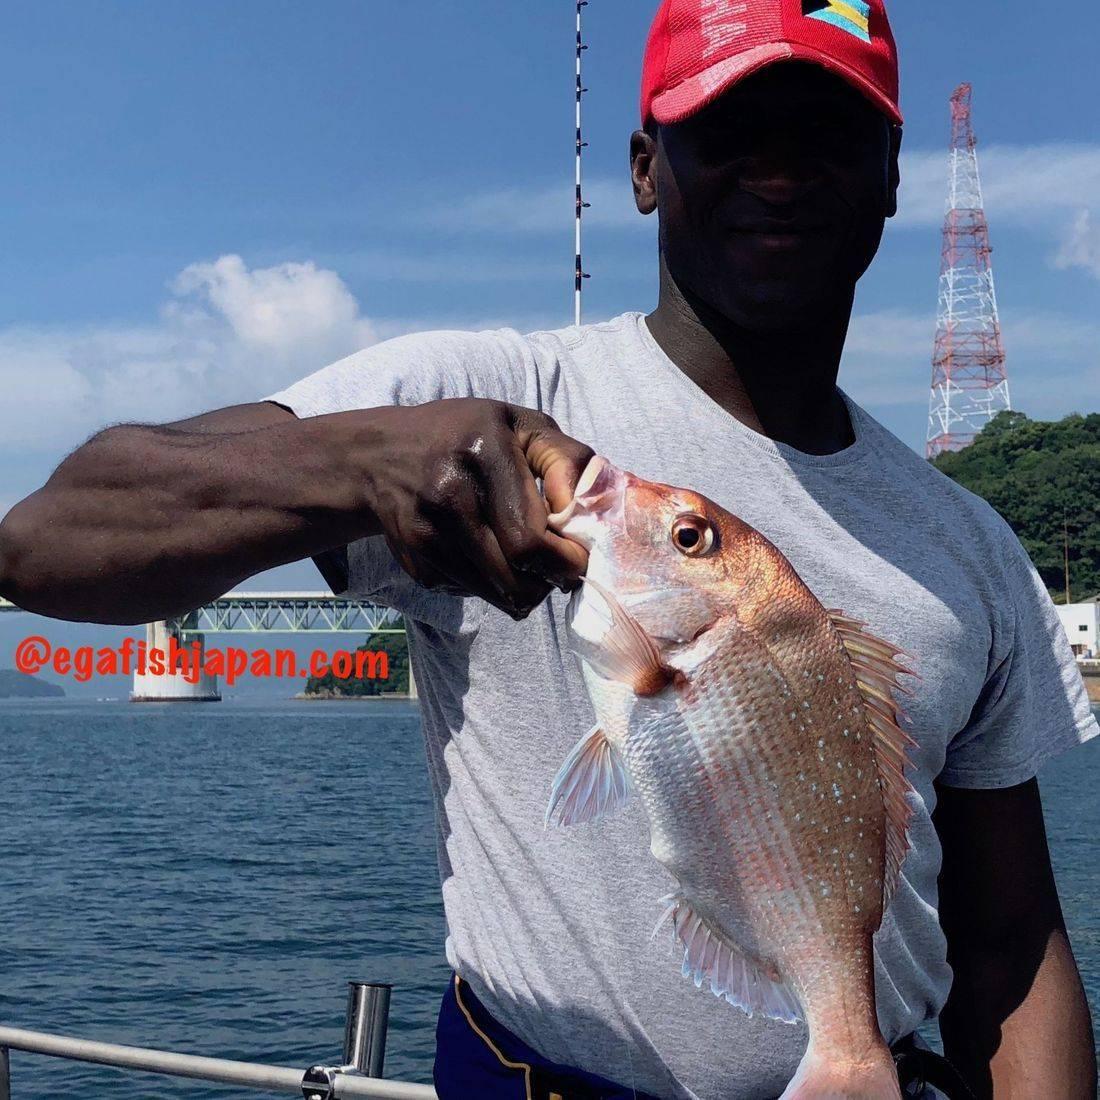 EGA.FISH.JAPAN 2015